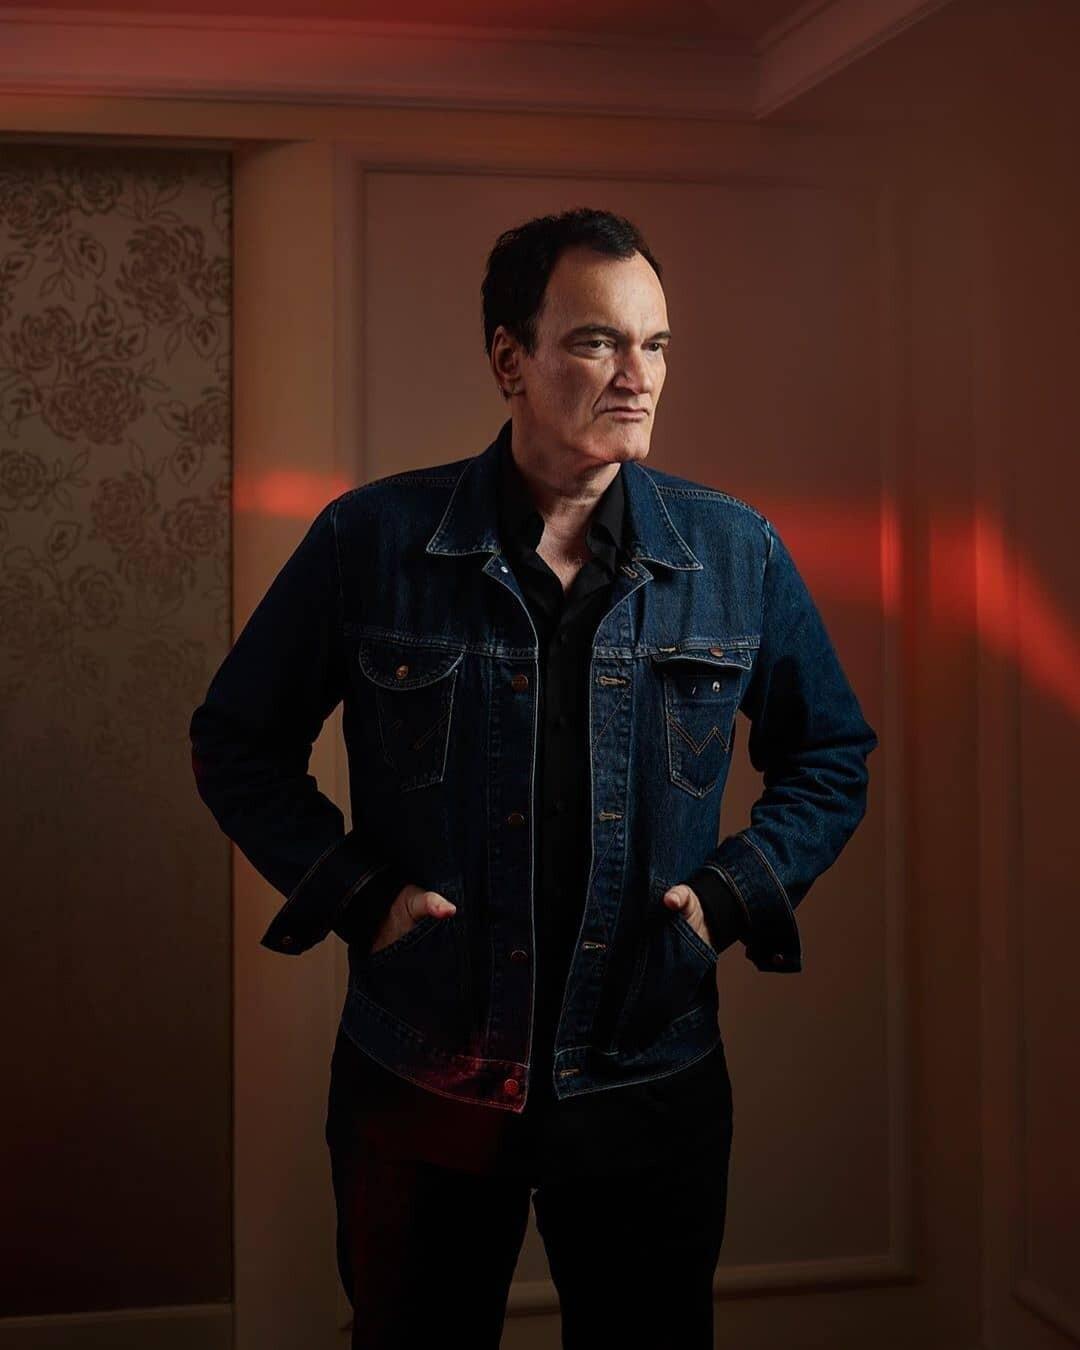 «Он мог бы заткнуться»: Дочь Брюса Ли раскритиковала новый фильм Квентина Тарантино